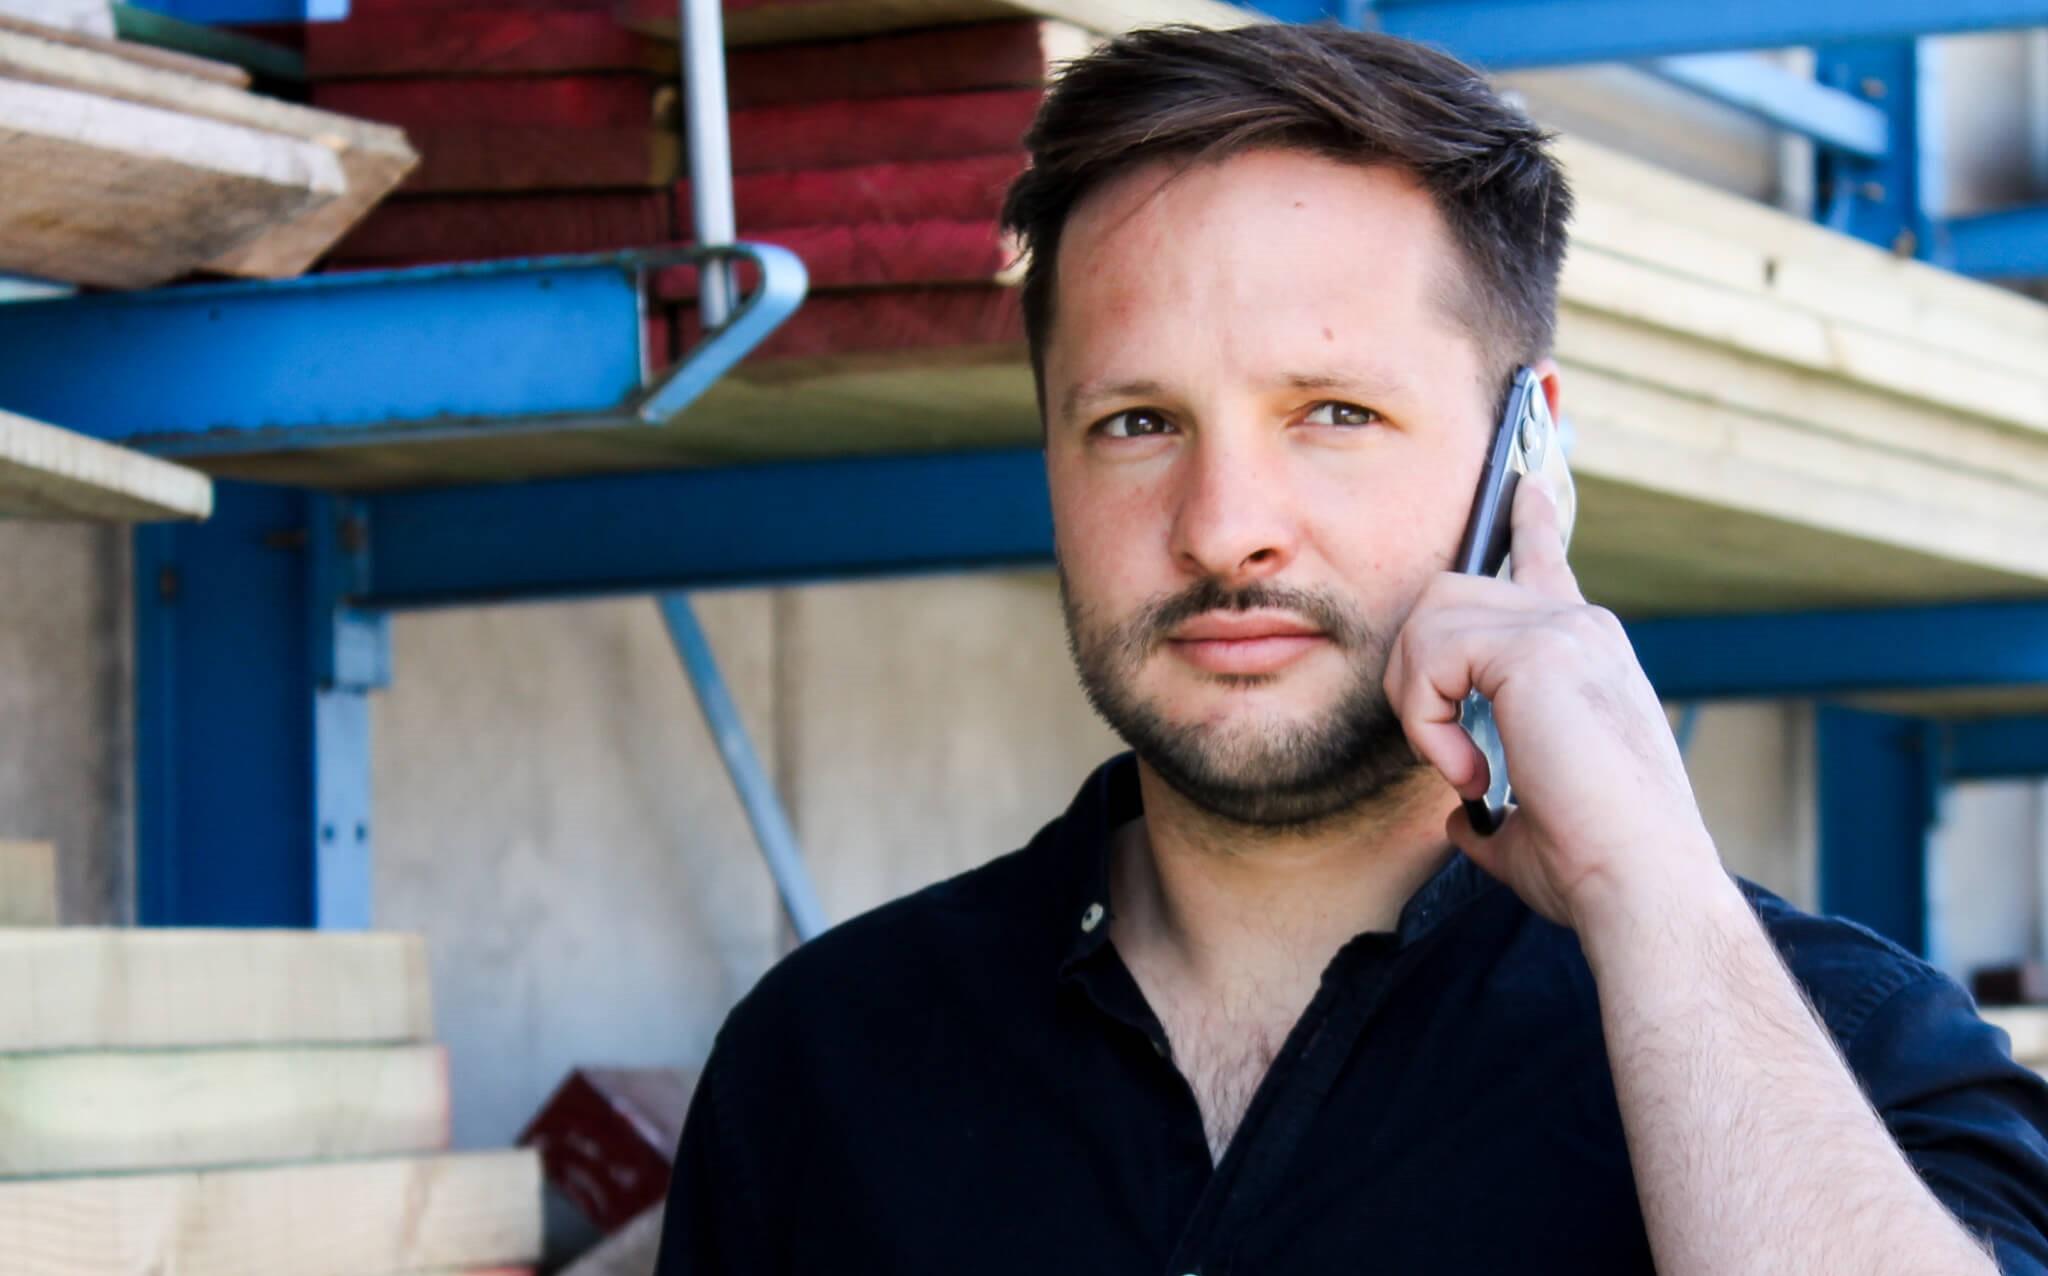 Davy in donker hemd aan het telefoneren.